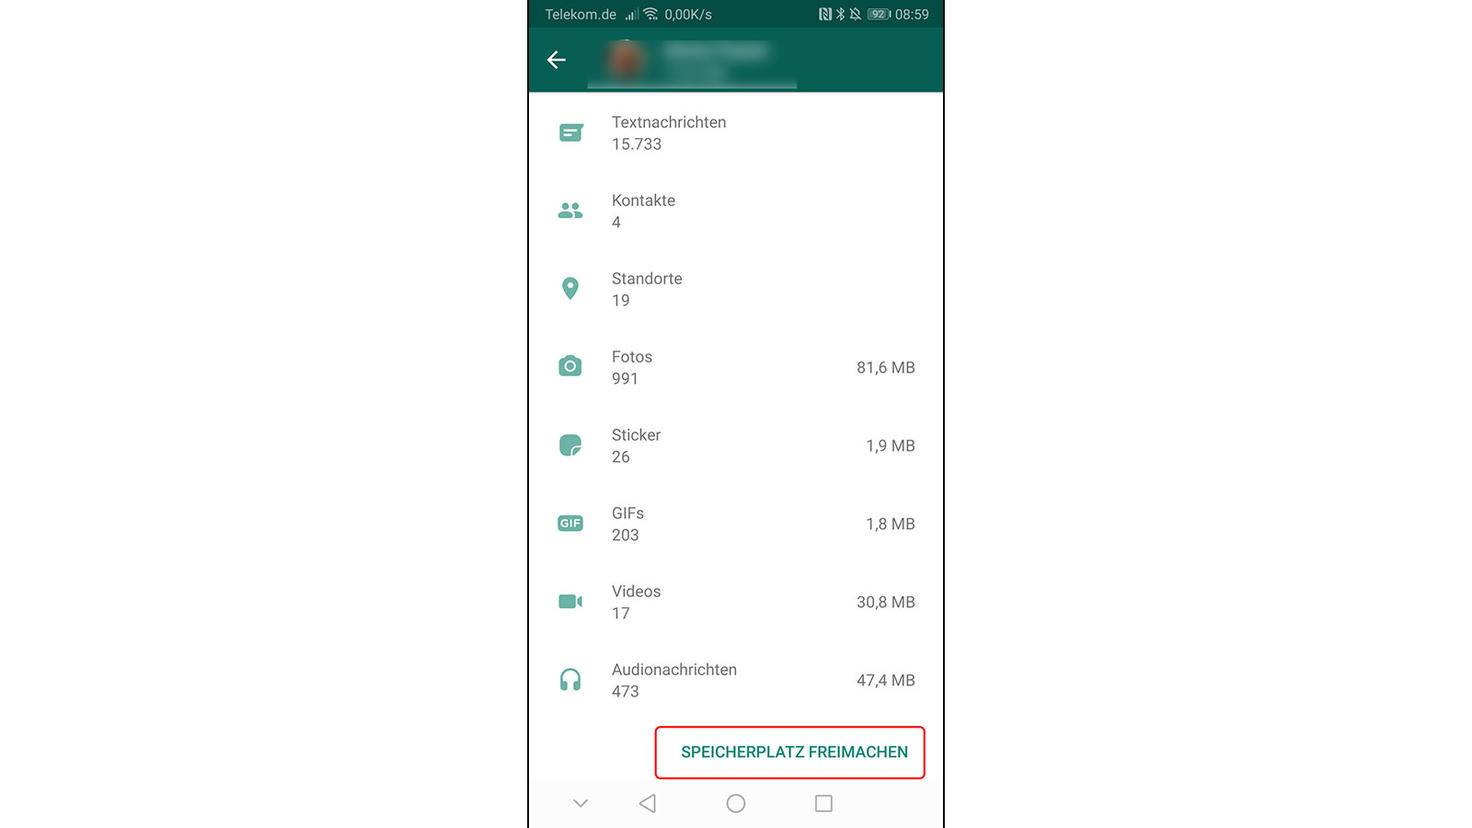 Datennutzung Whatsapp